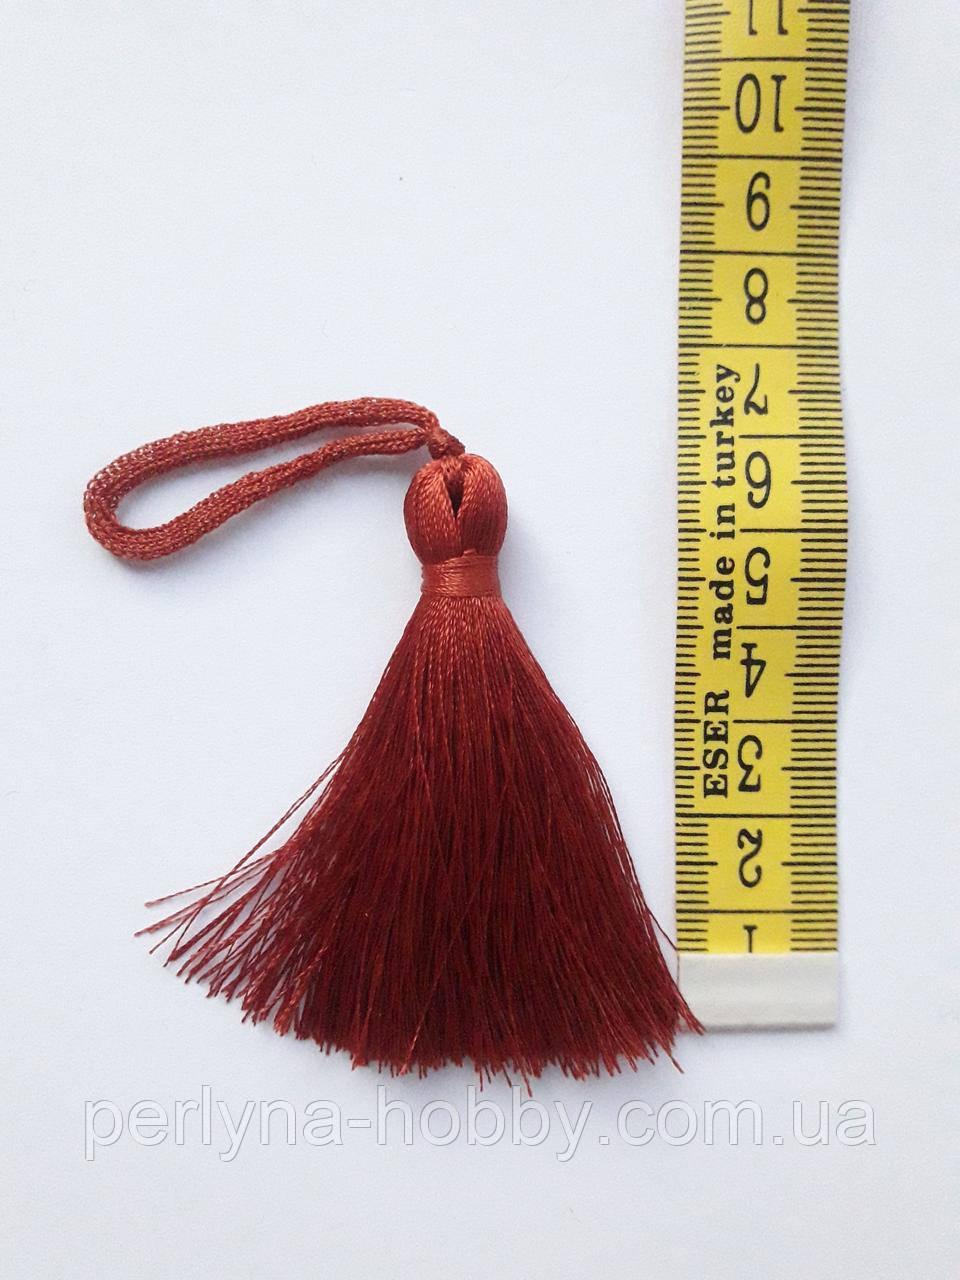 Китиця декоративна мала 7 см теракотова 1 шт.